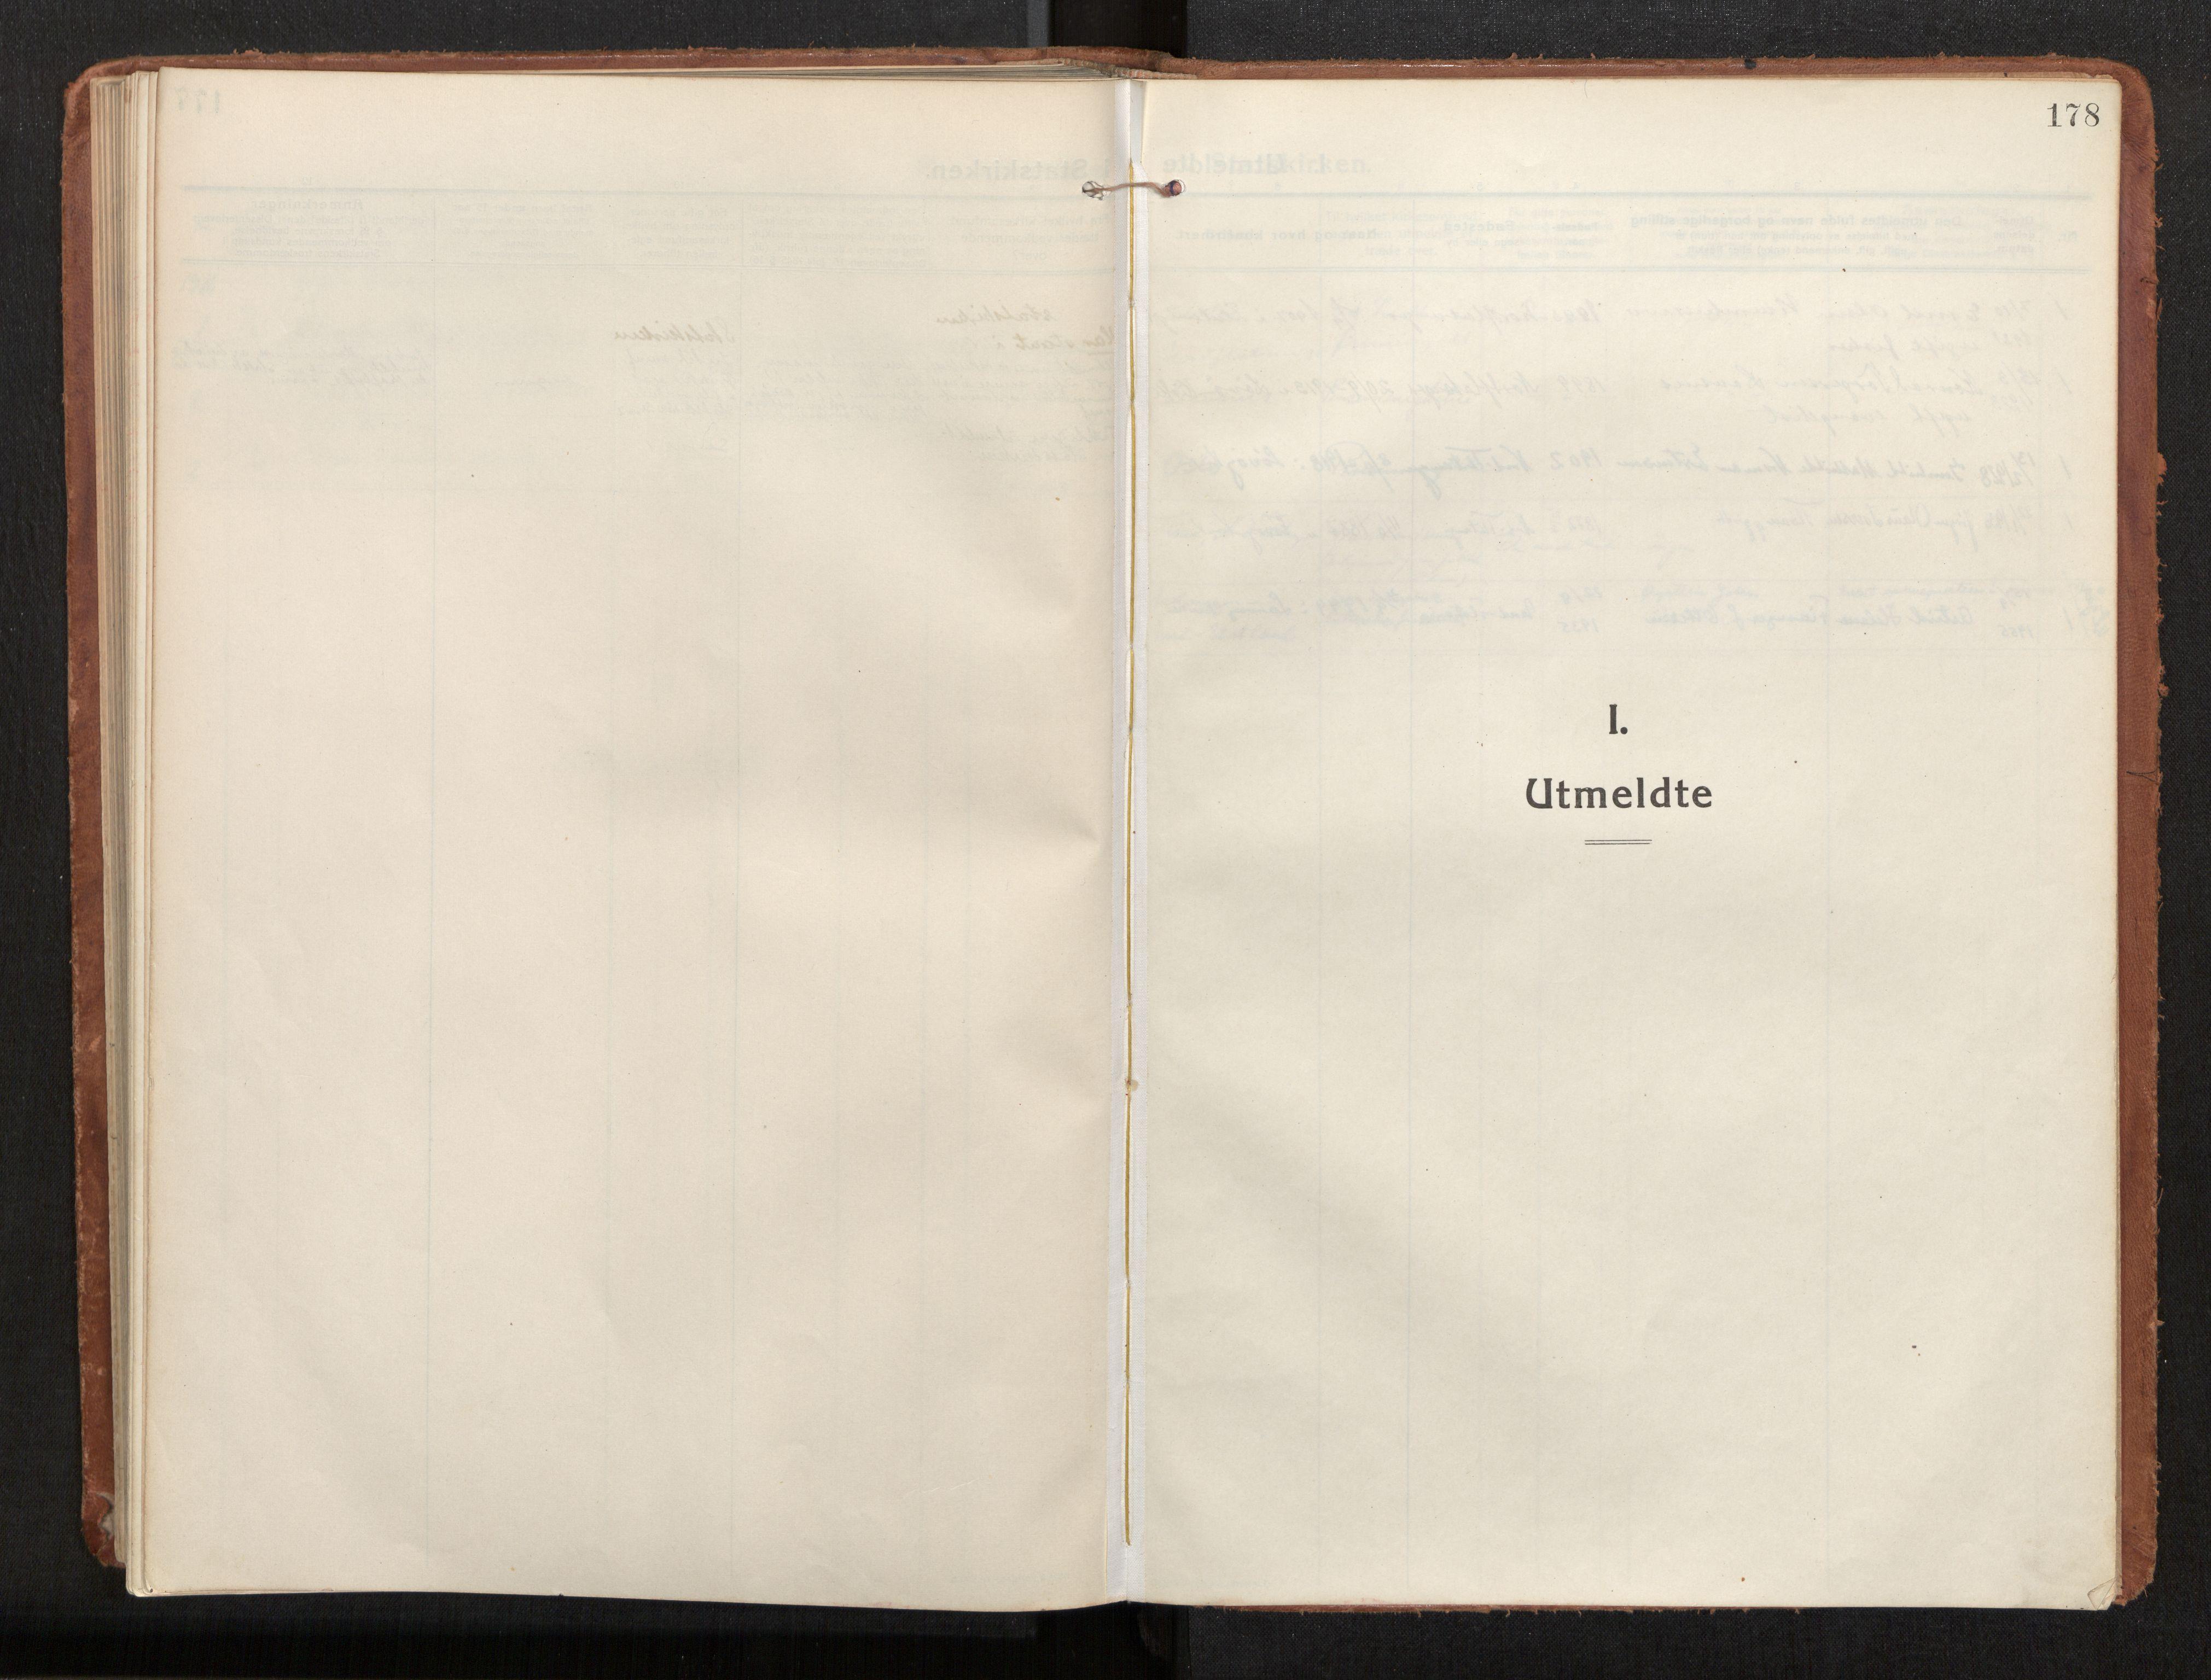 SAT, Ministerialprotokoller, klokkerbøker og fødselsregistre - Nord-Trøndelag, 772/L0604: Ministerialbok nr. 772A02, 1913-1937, s. 178